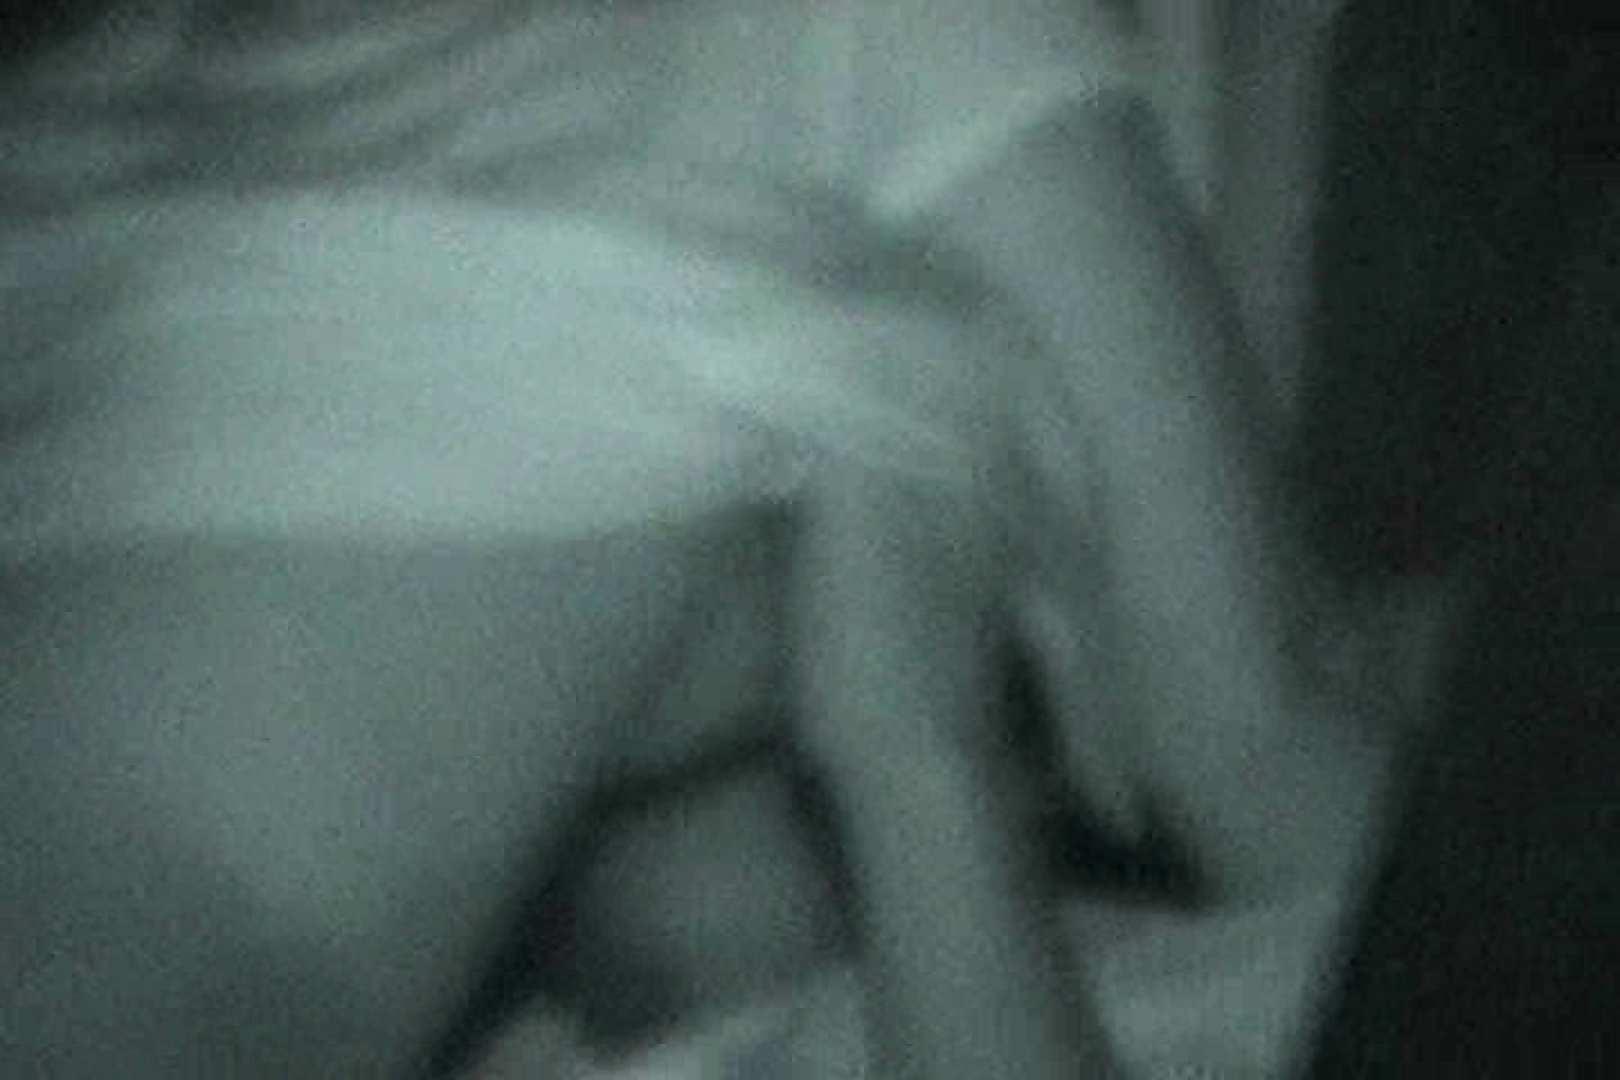 充血監督の深夜の運動会Vol.21 車 覗きおまんこ画像 45PICs 19